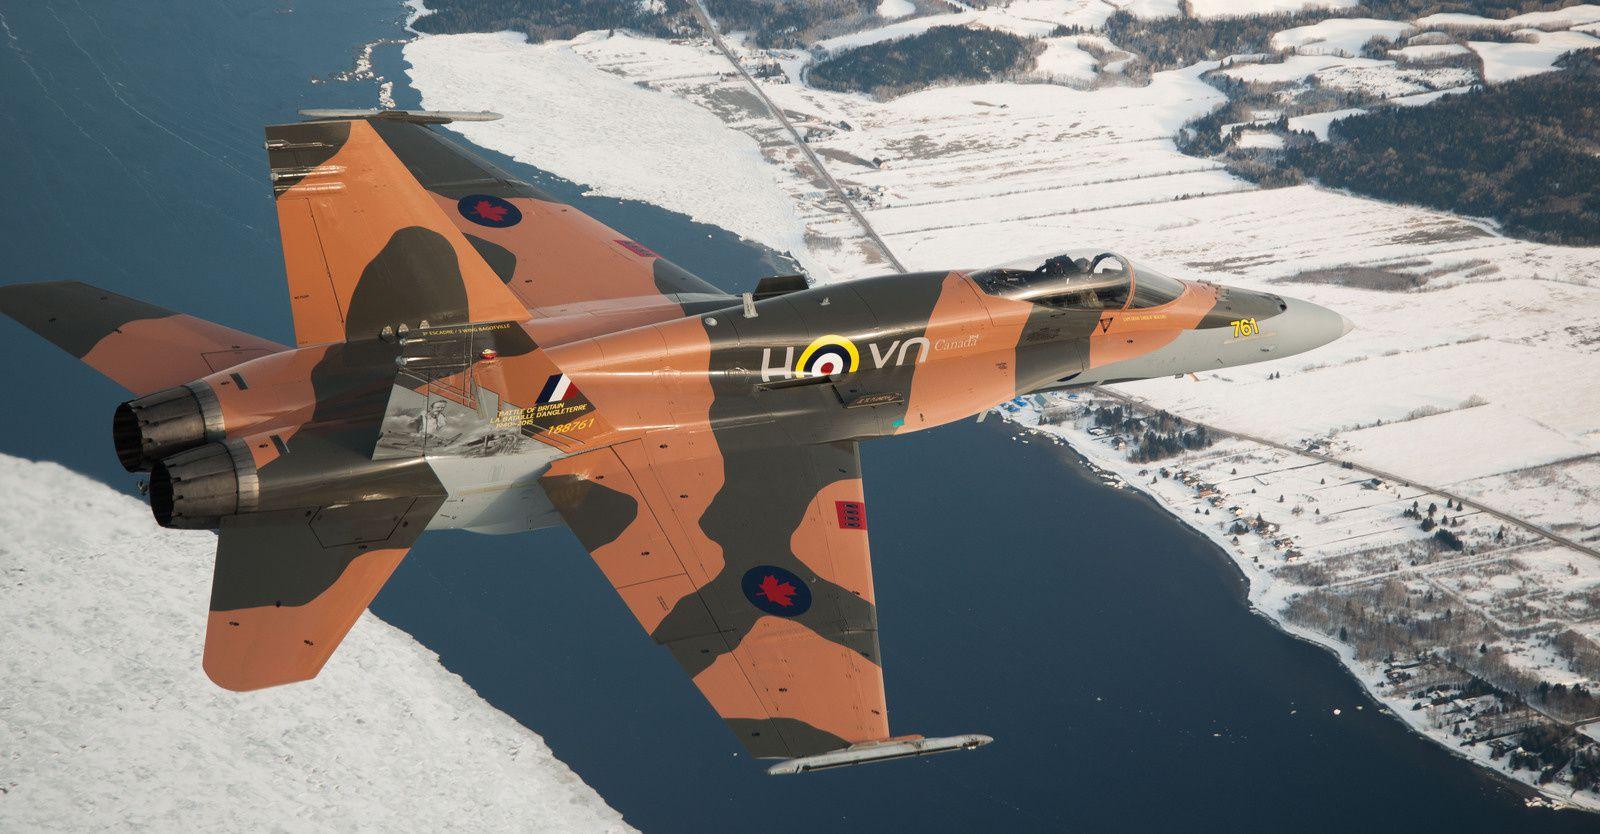 Découvrez les nouvelles livrées des aéronefs des Solo Display Team pour la saison 2015